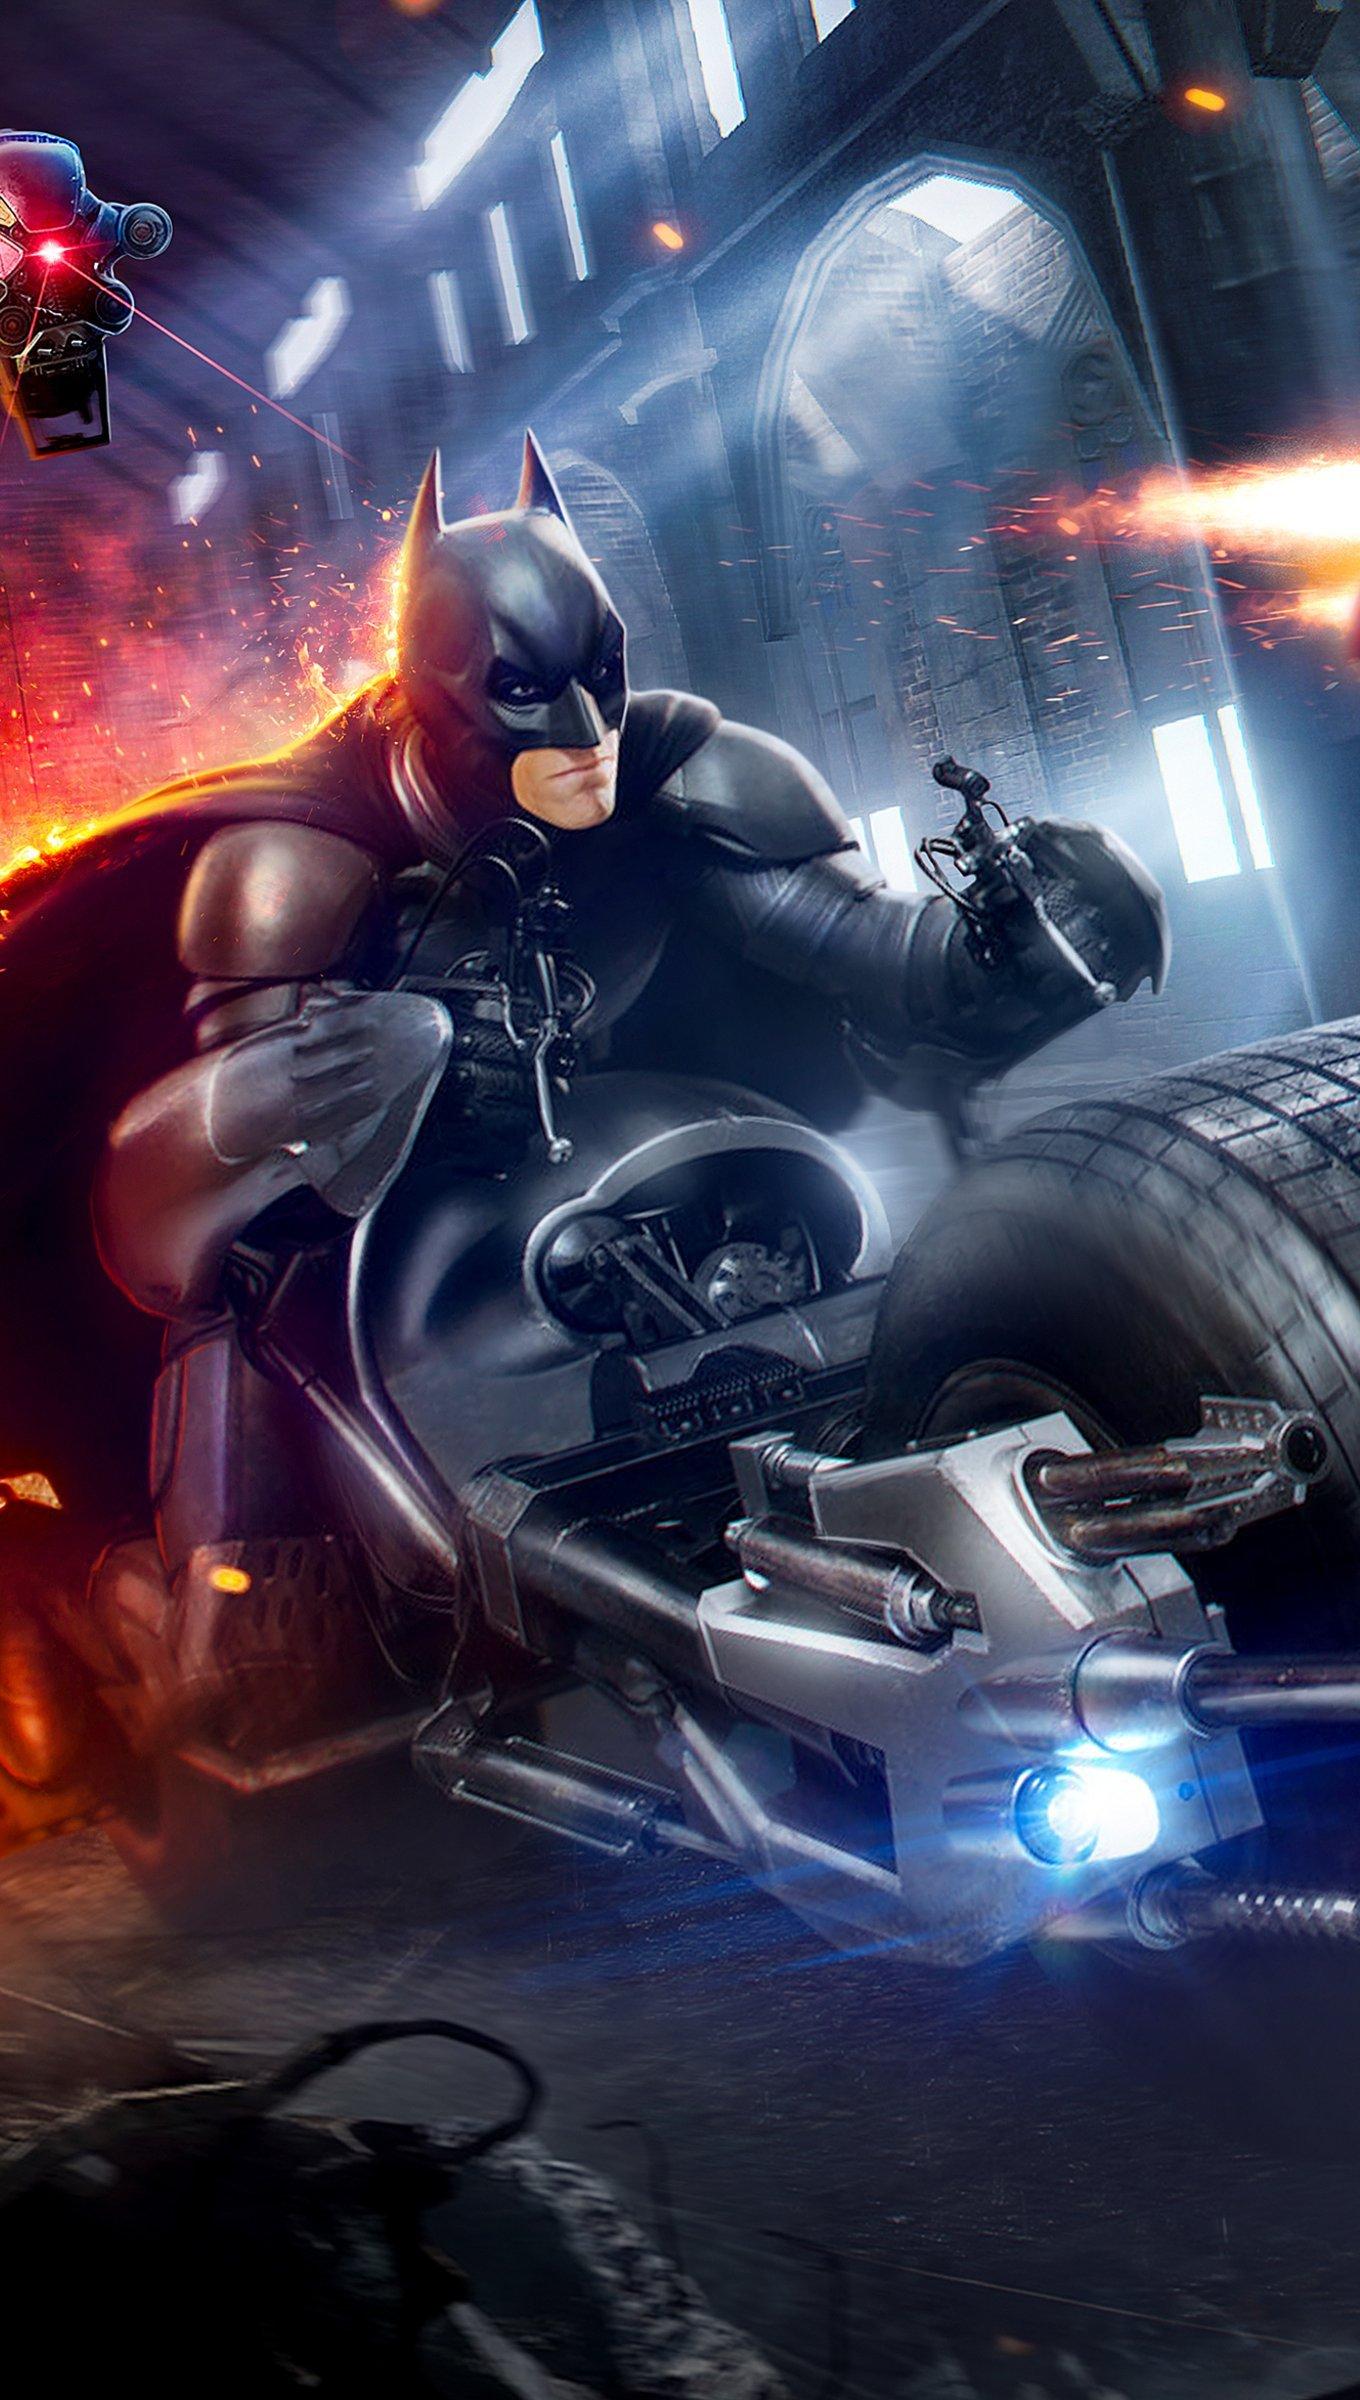 Wallpaper Batman and Iron man Vertical